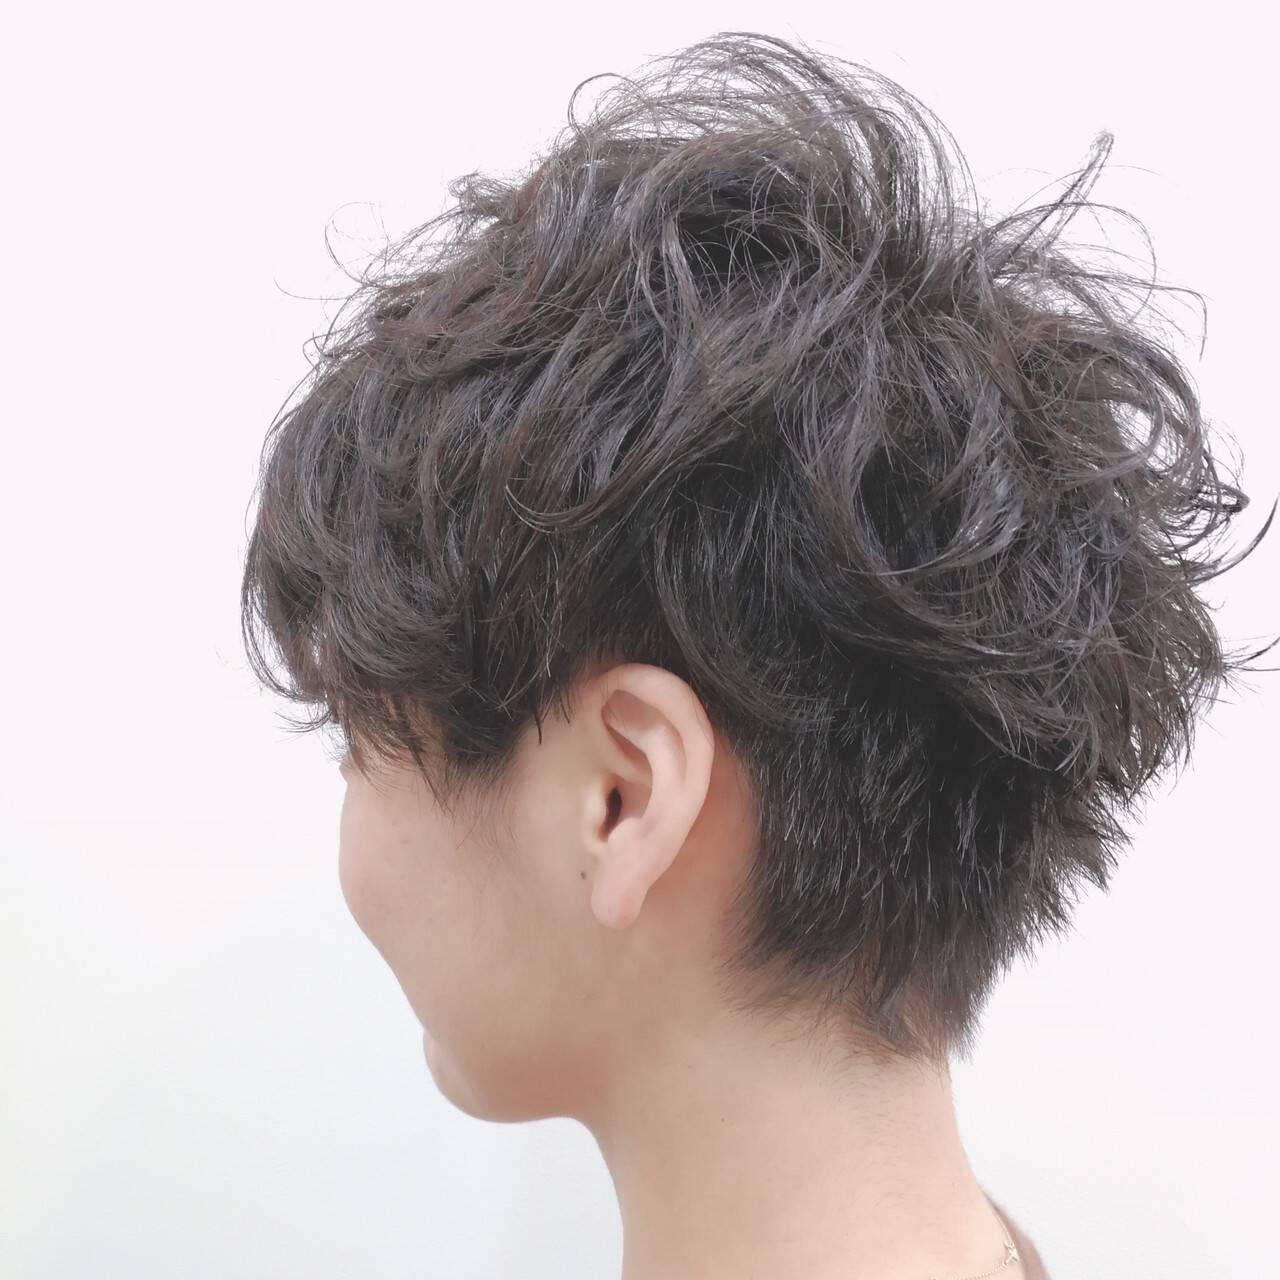 ツーブロック 黒髪 ウェーブ ストリートヘアスタイルや髪型の写真・画像